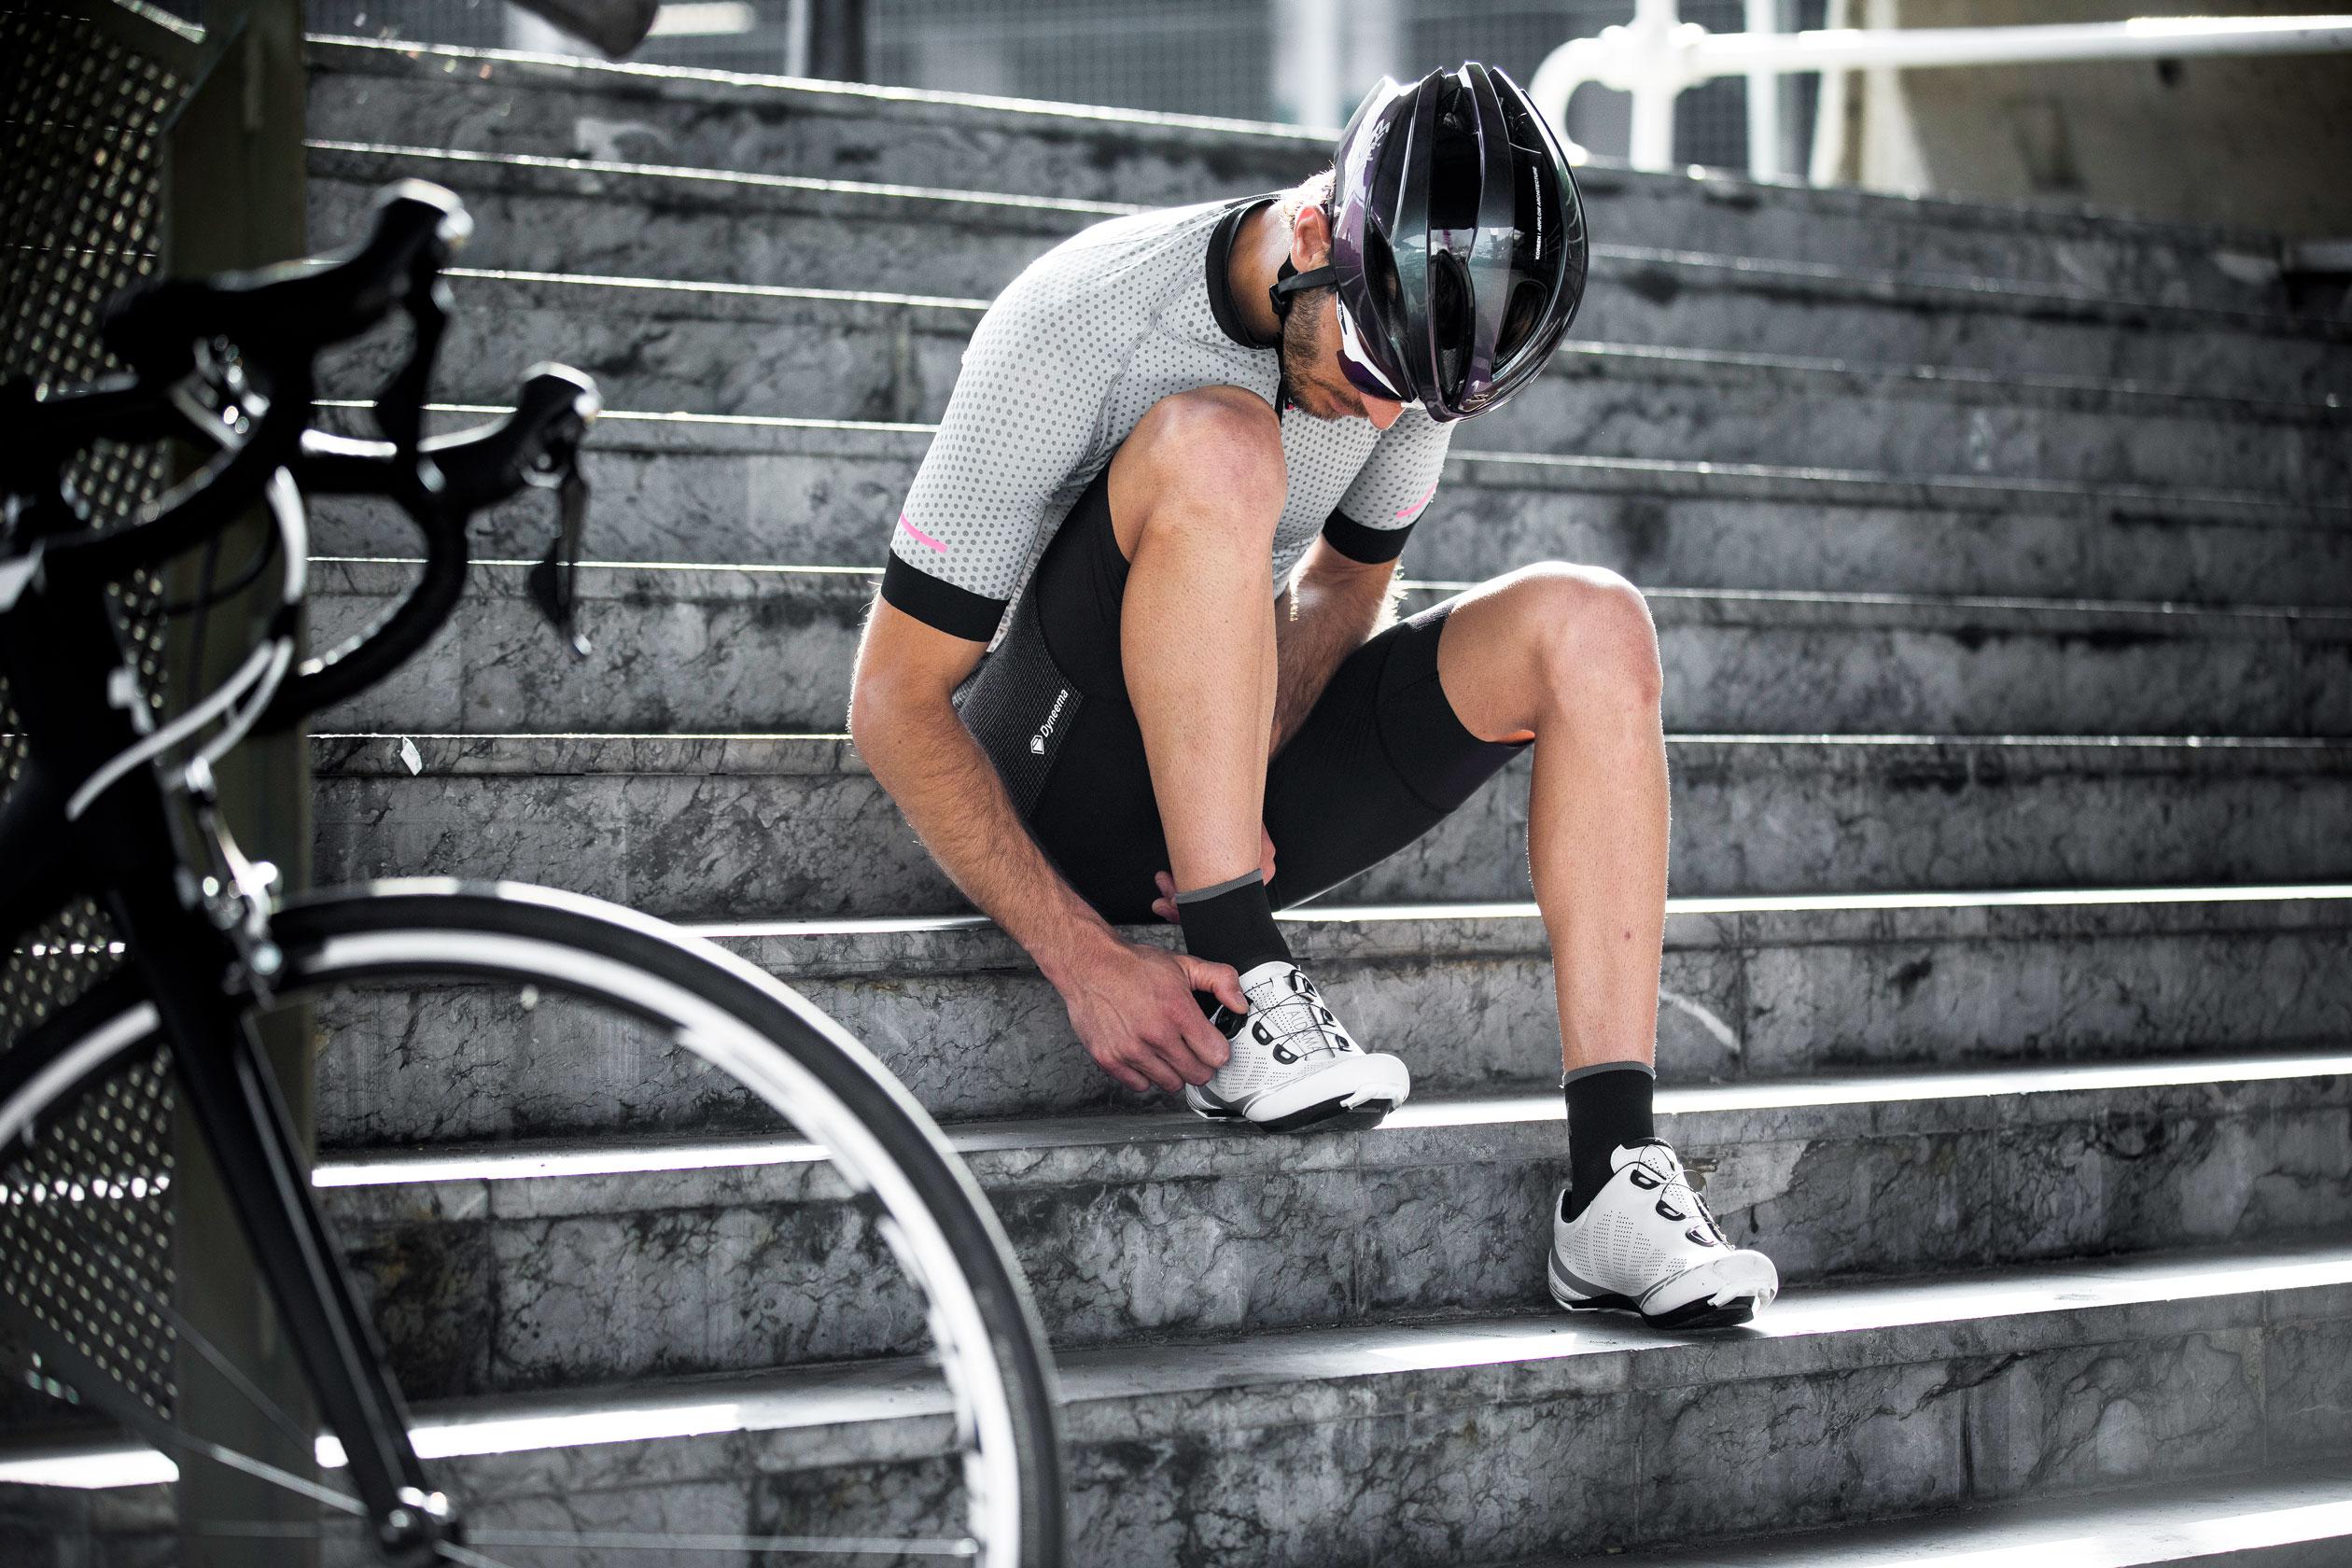 Consejos para la práctica de ciclismo deportivo durante el Periodo de Transición